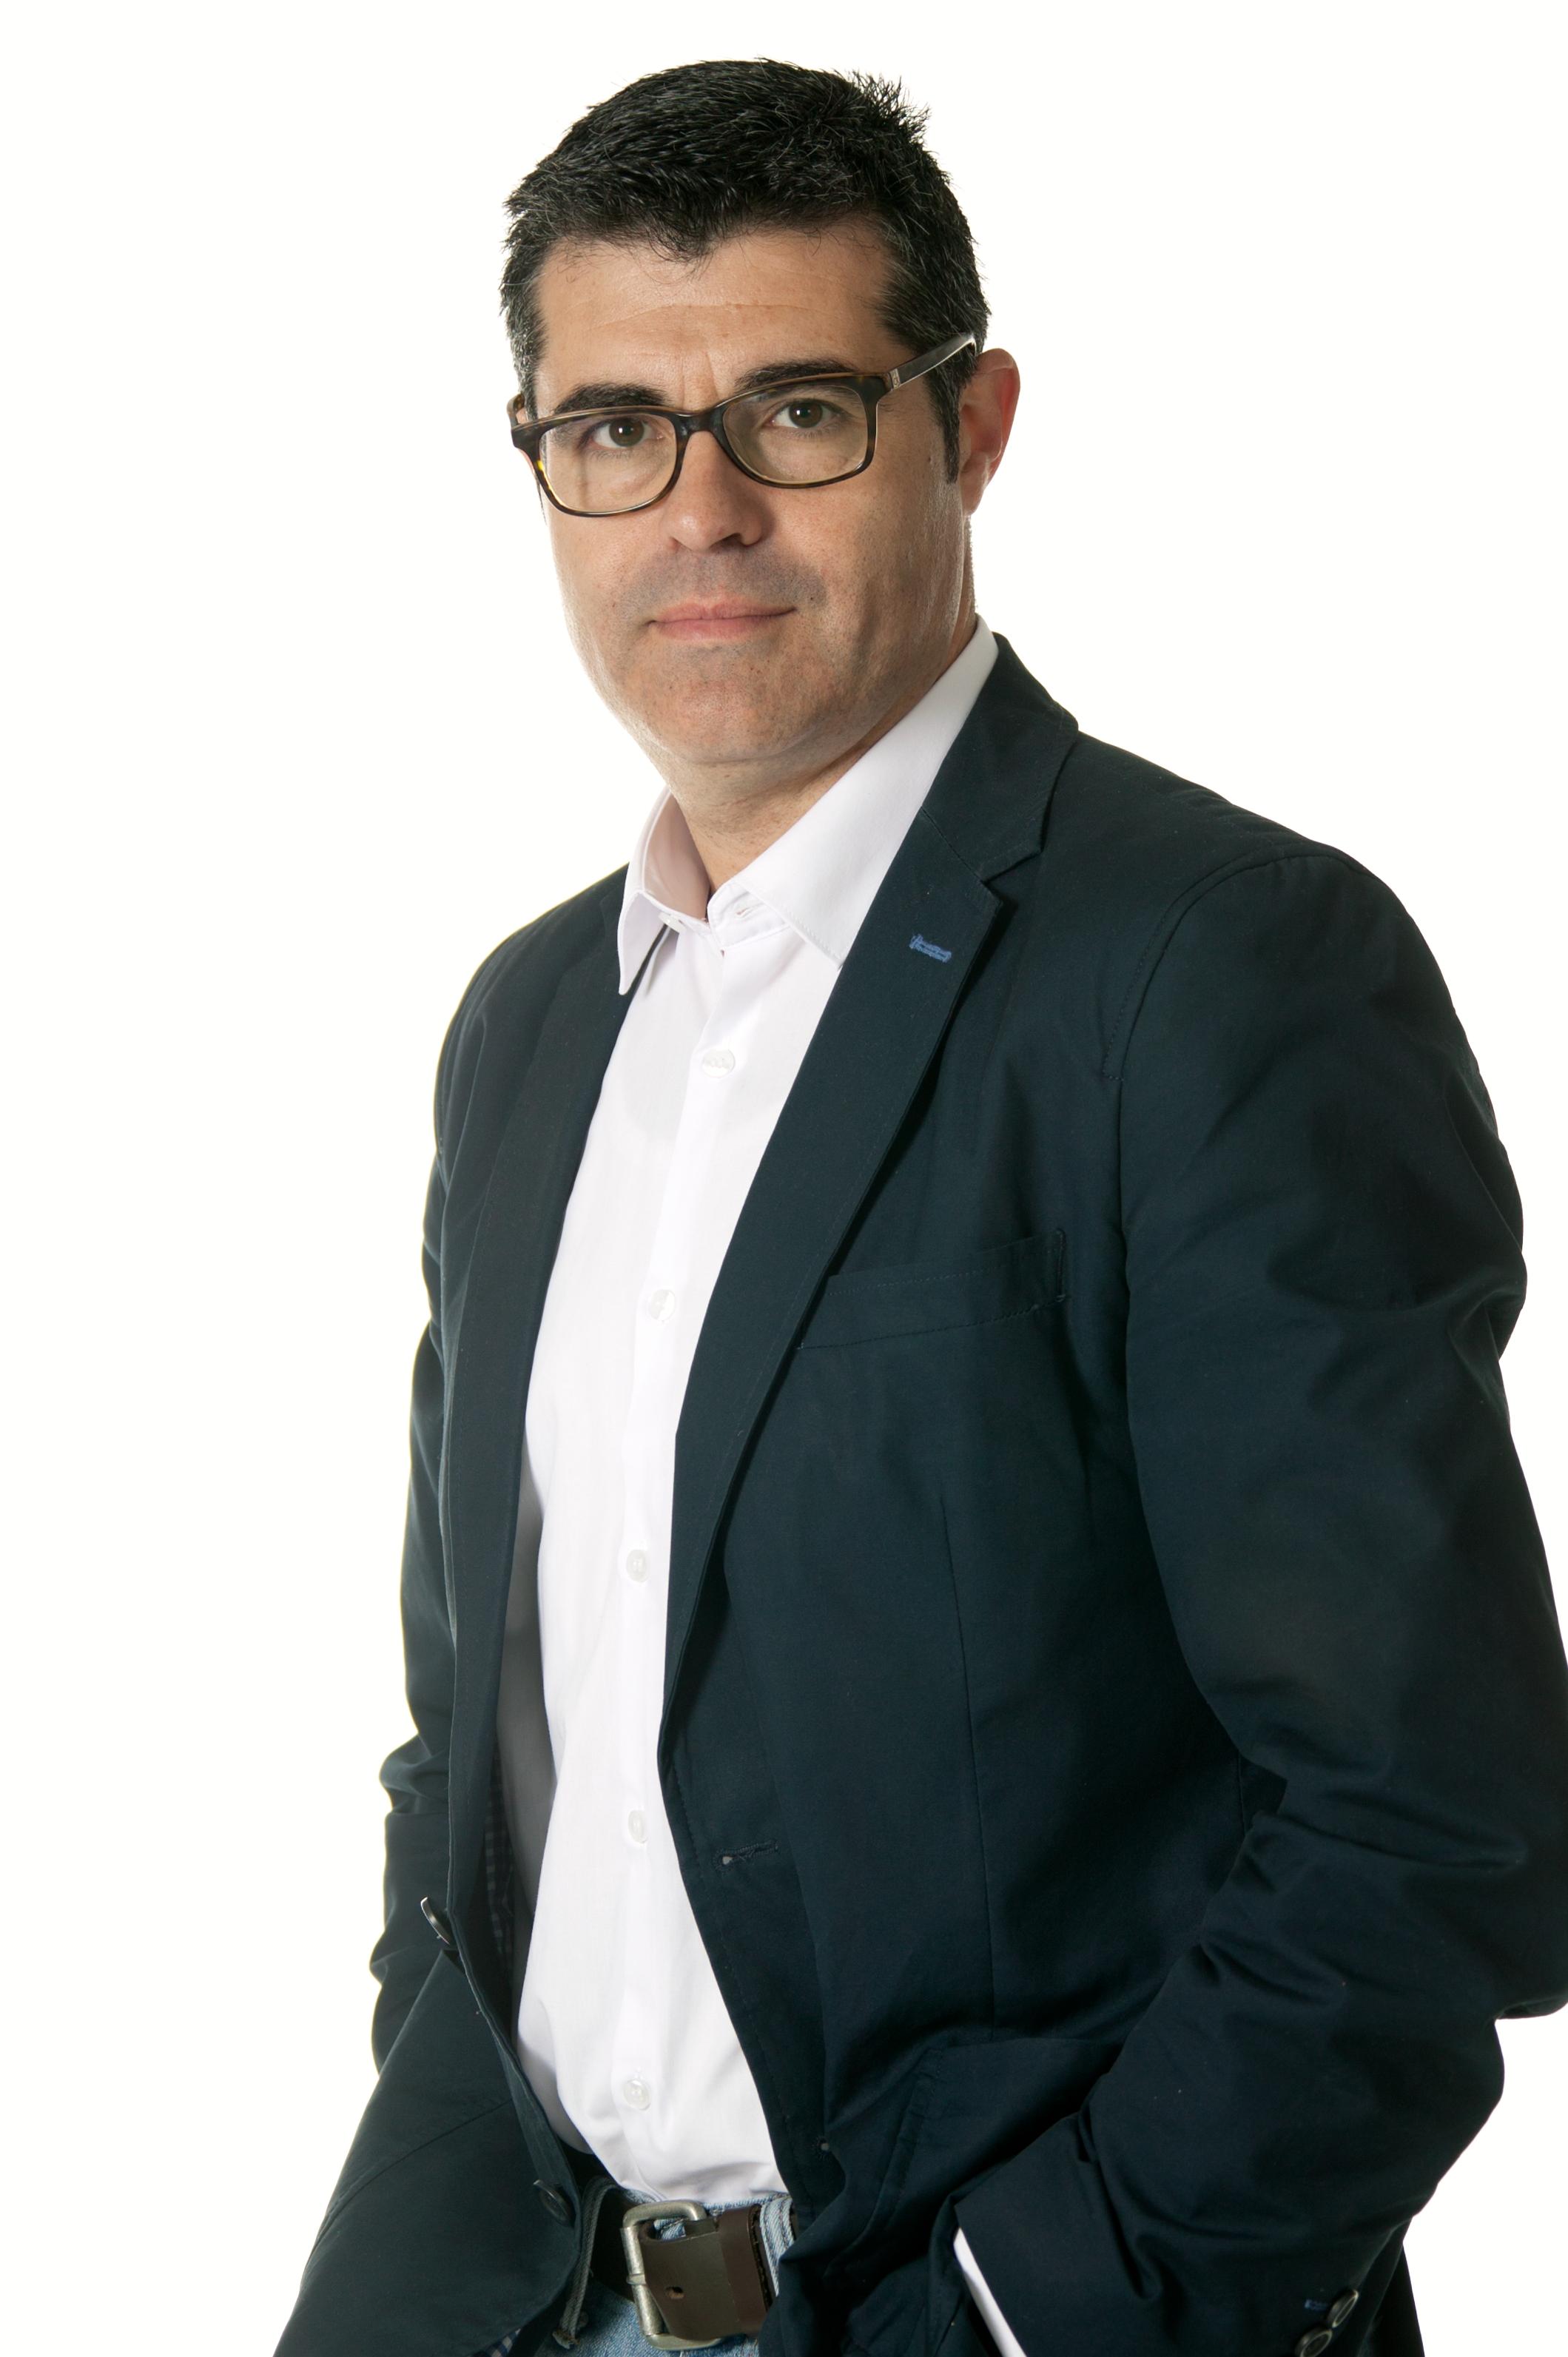 David Delgado Jiménez